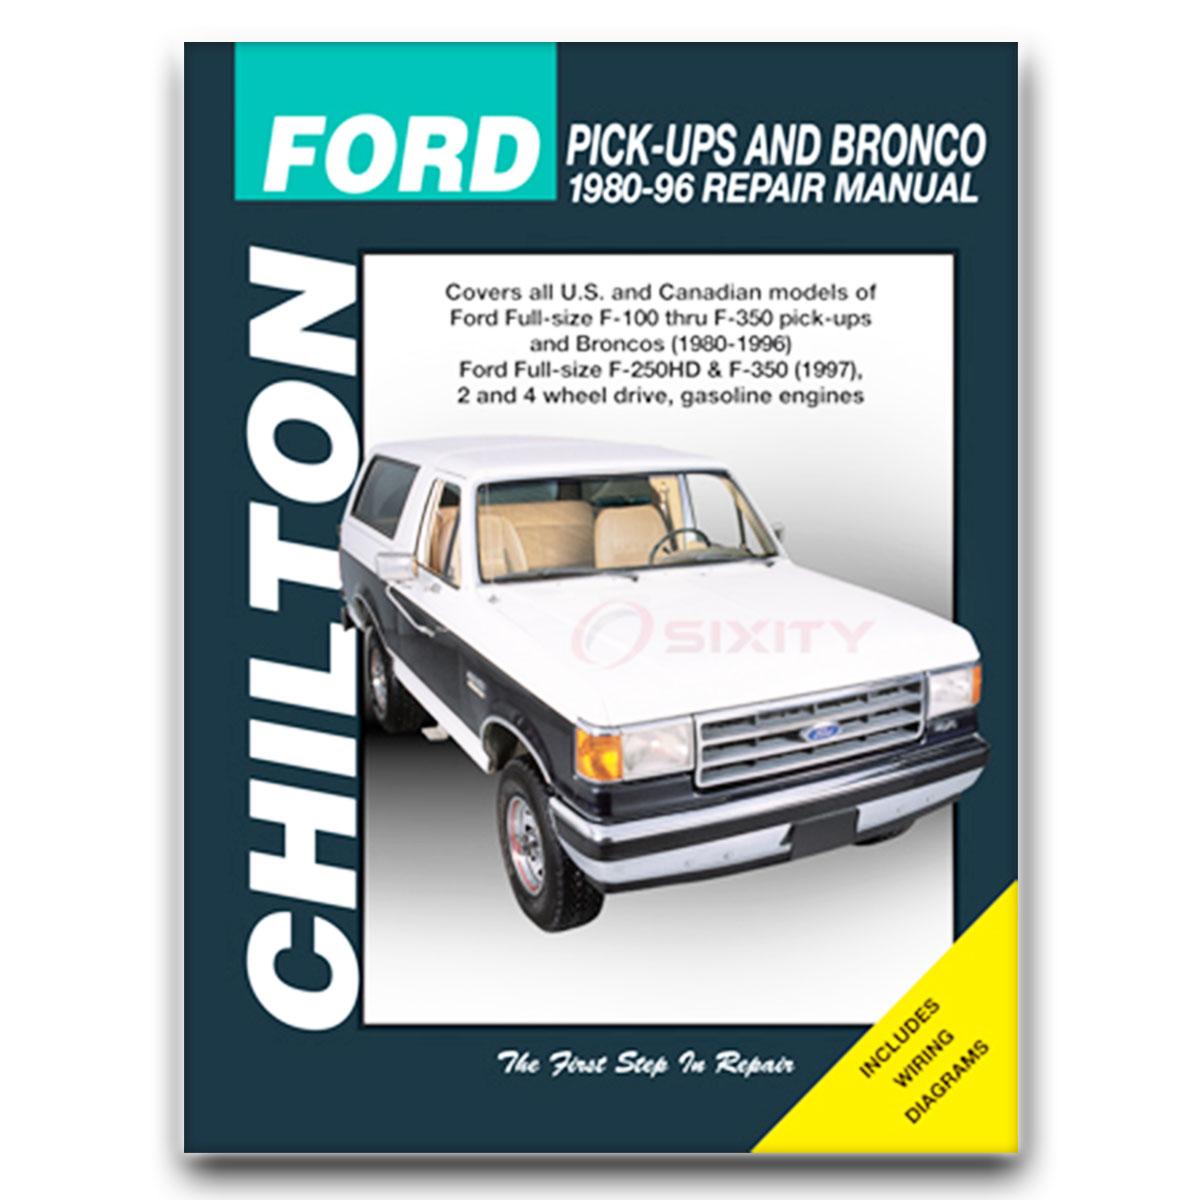 ford bronco chilton repair manual custom eddie bauer xlt nite sport rh ebay com 1989 ford bronco service manual pdf 1996 ford bronco service manual pdf